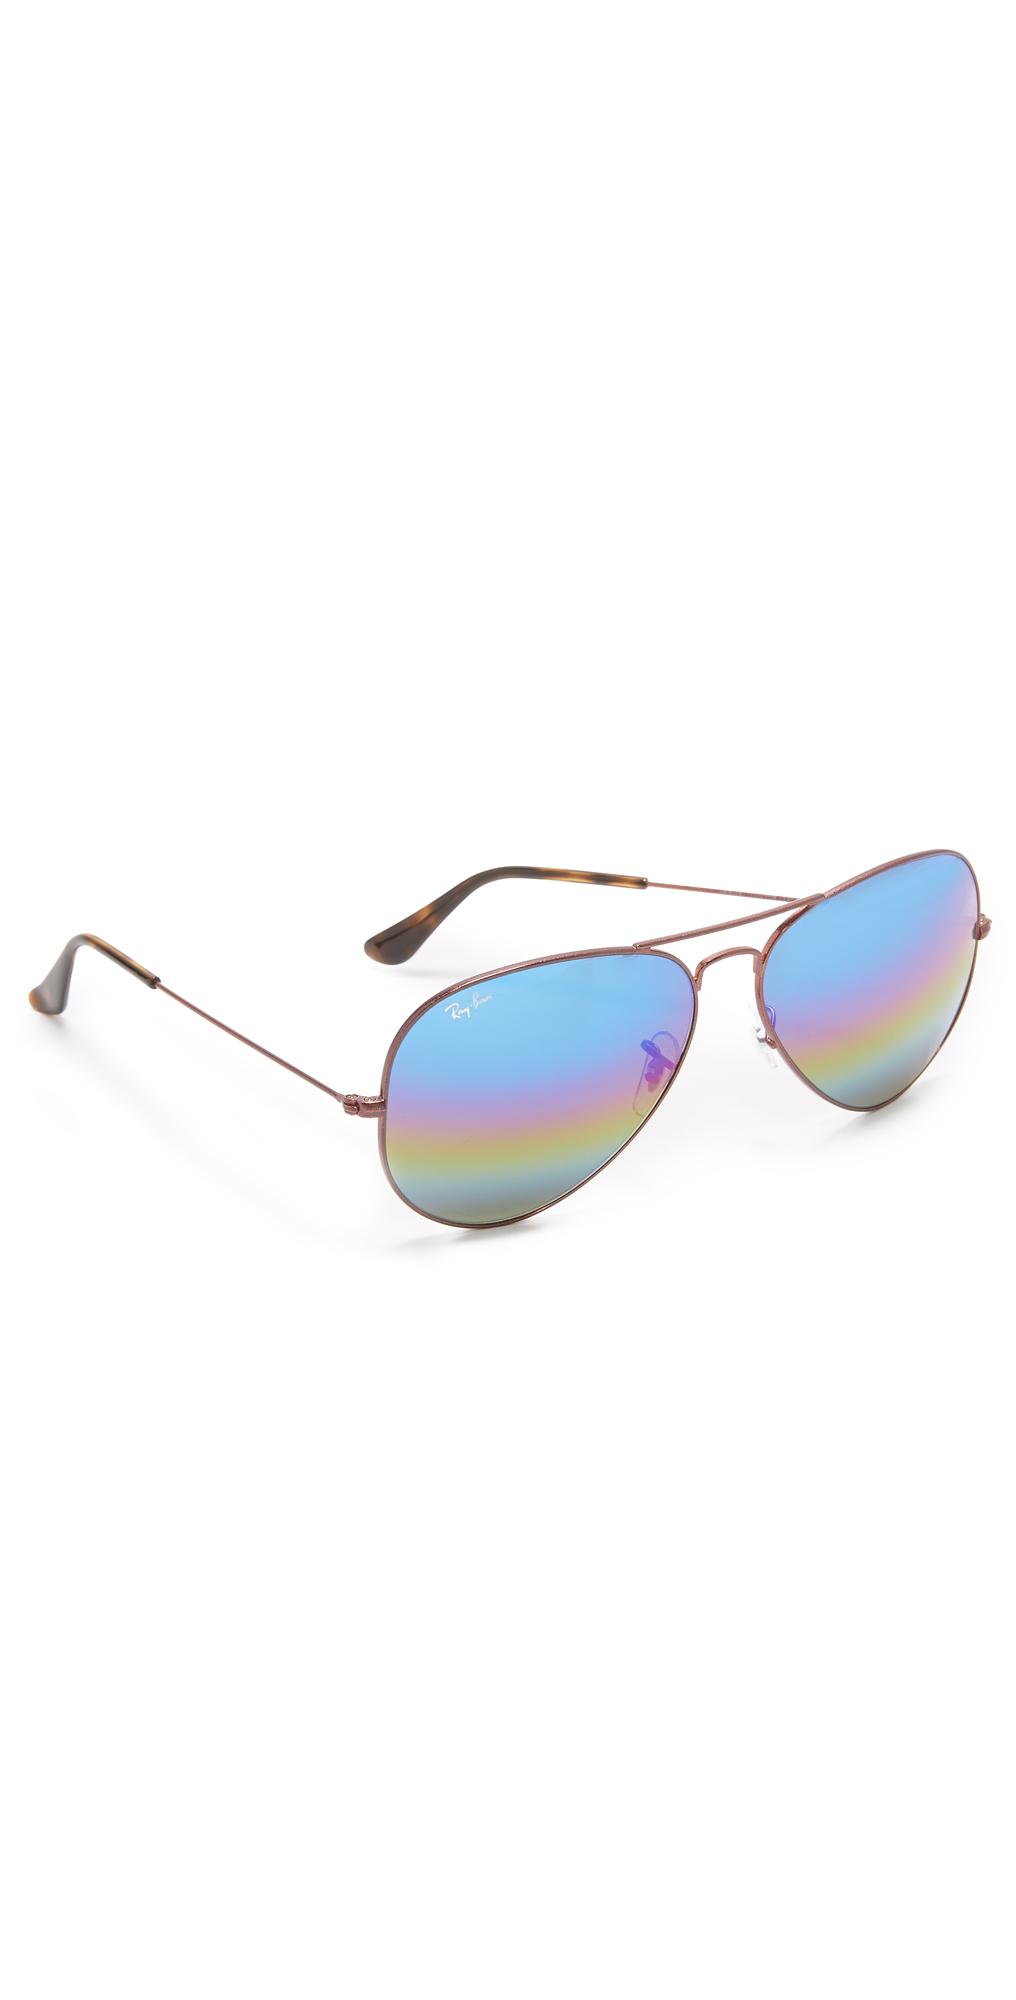 Rainbow Mirrored Aviator Sunglasses Ray-Ban